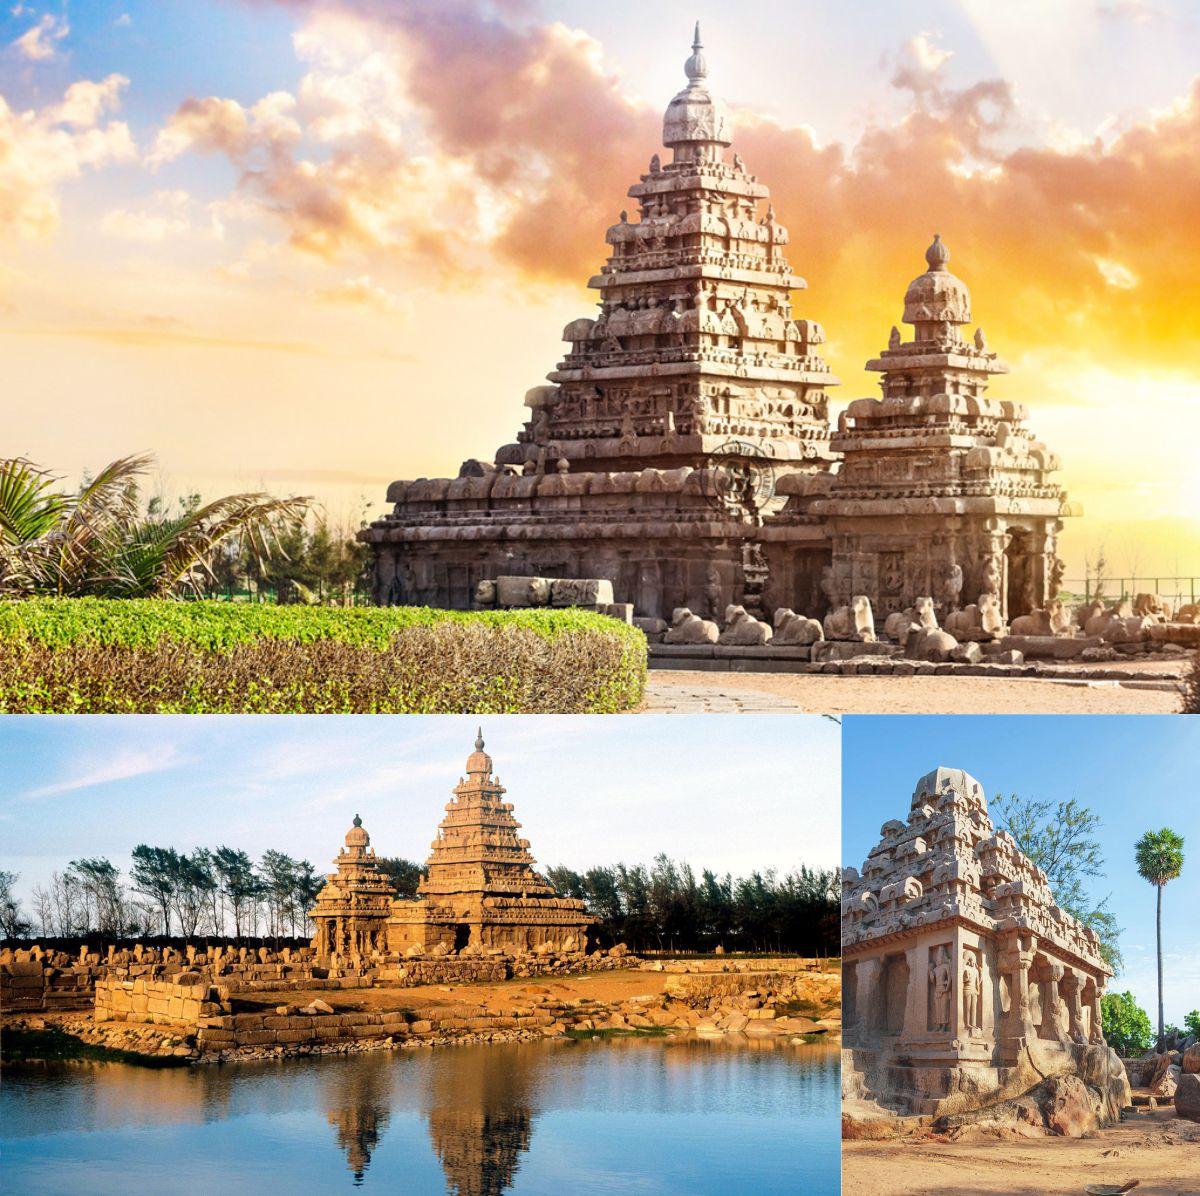 grandes-templos-da-india-mahabalipuram-gangaikonda-cholapuram-taj-mahal-qutub-minar-akshardham-lal-qilah-viagem-nosso-blog-1.jpg